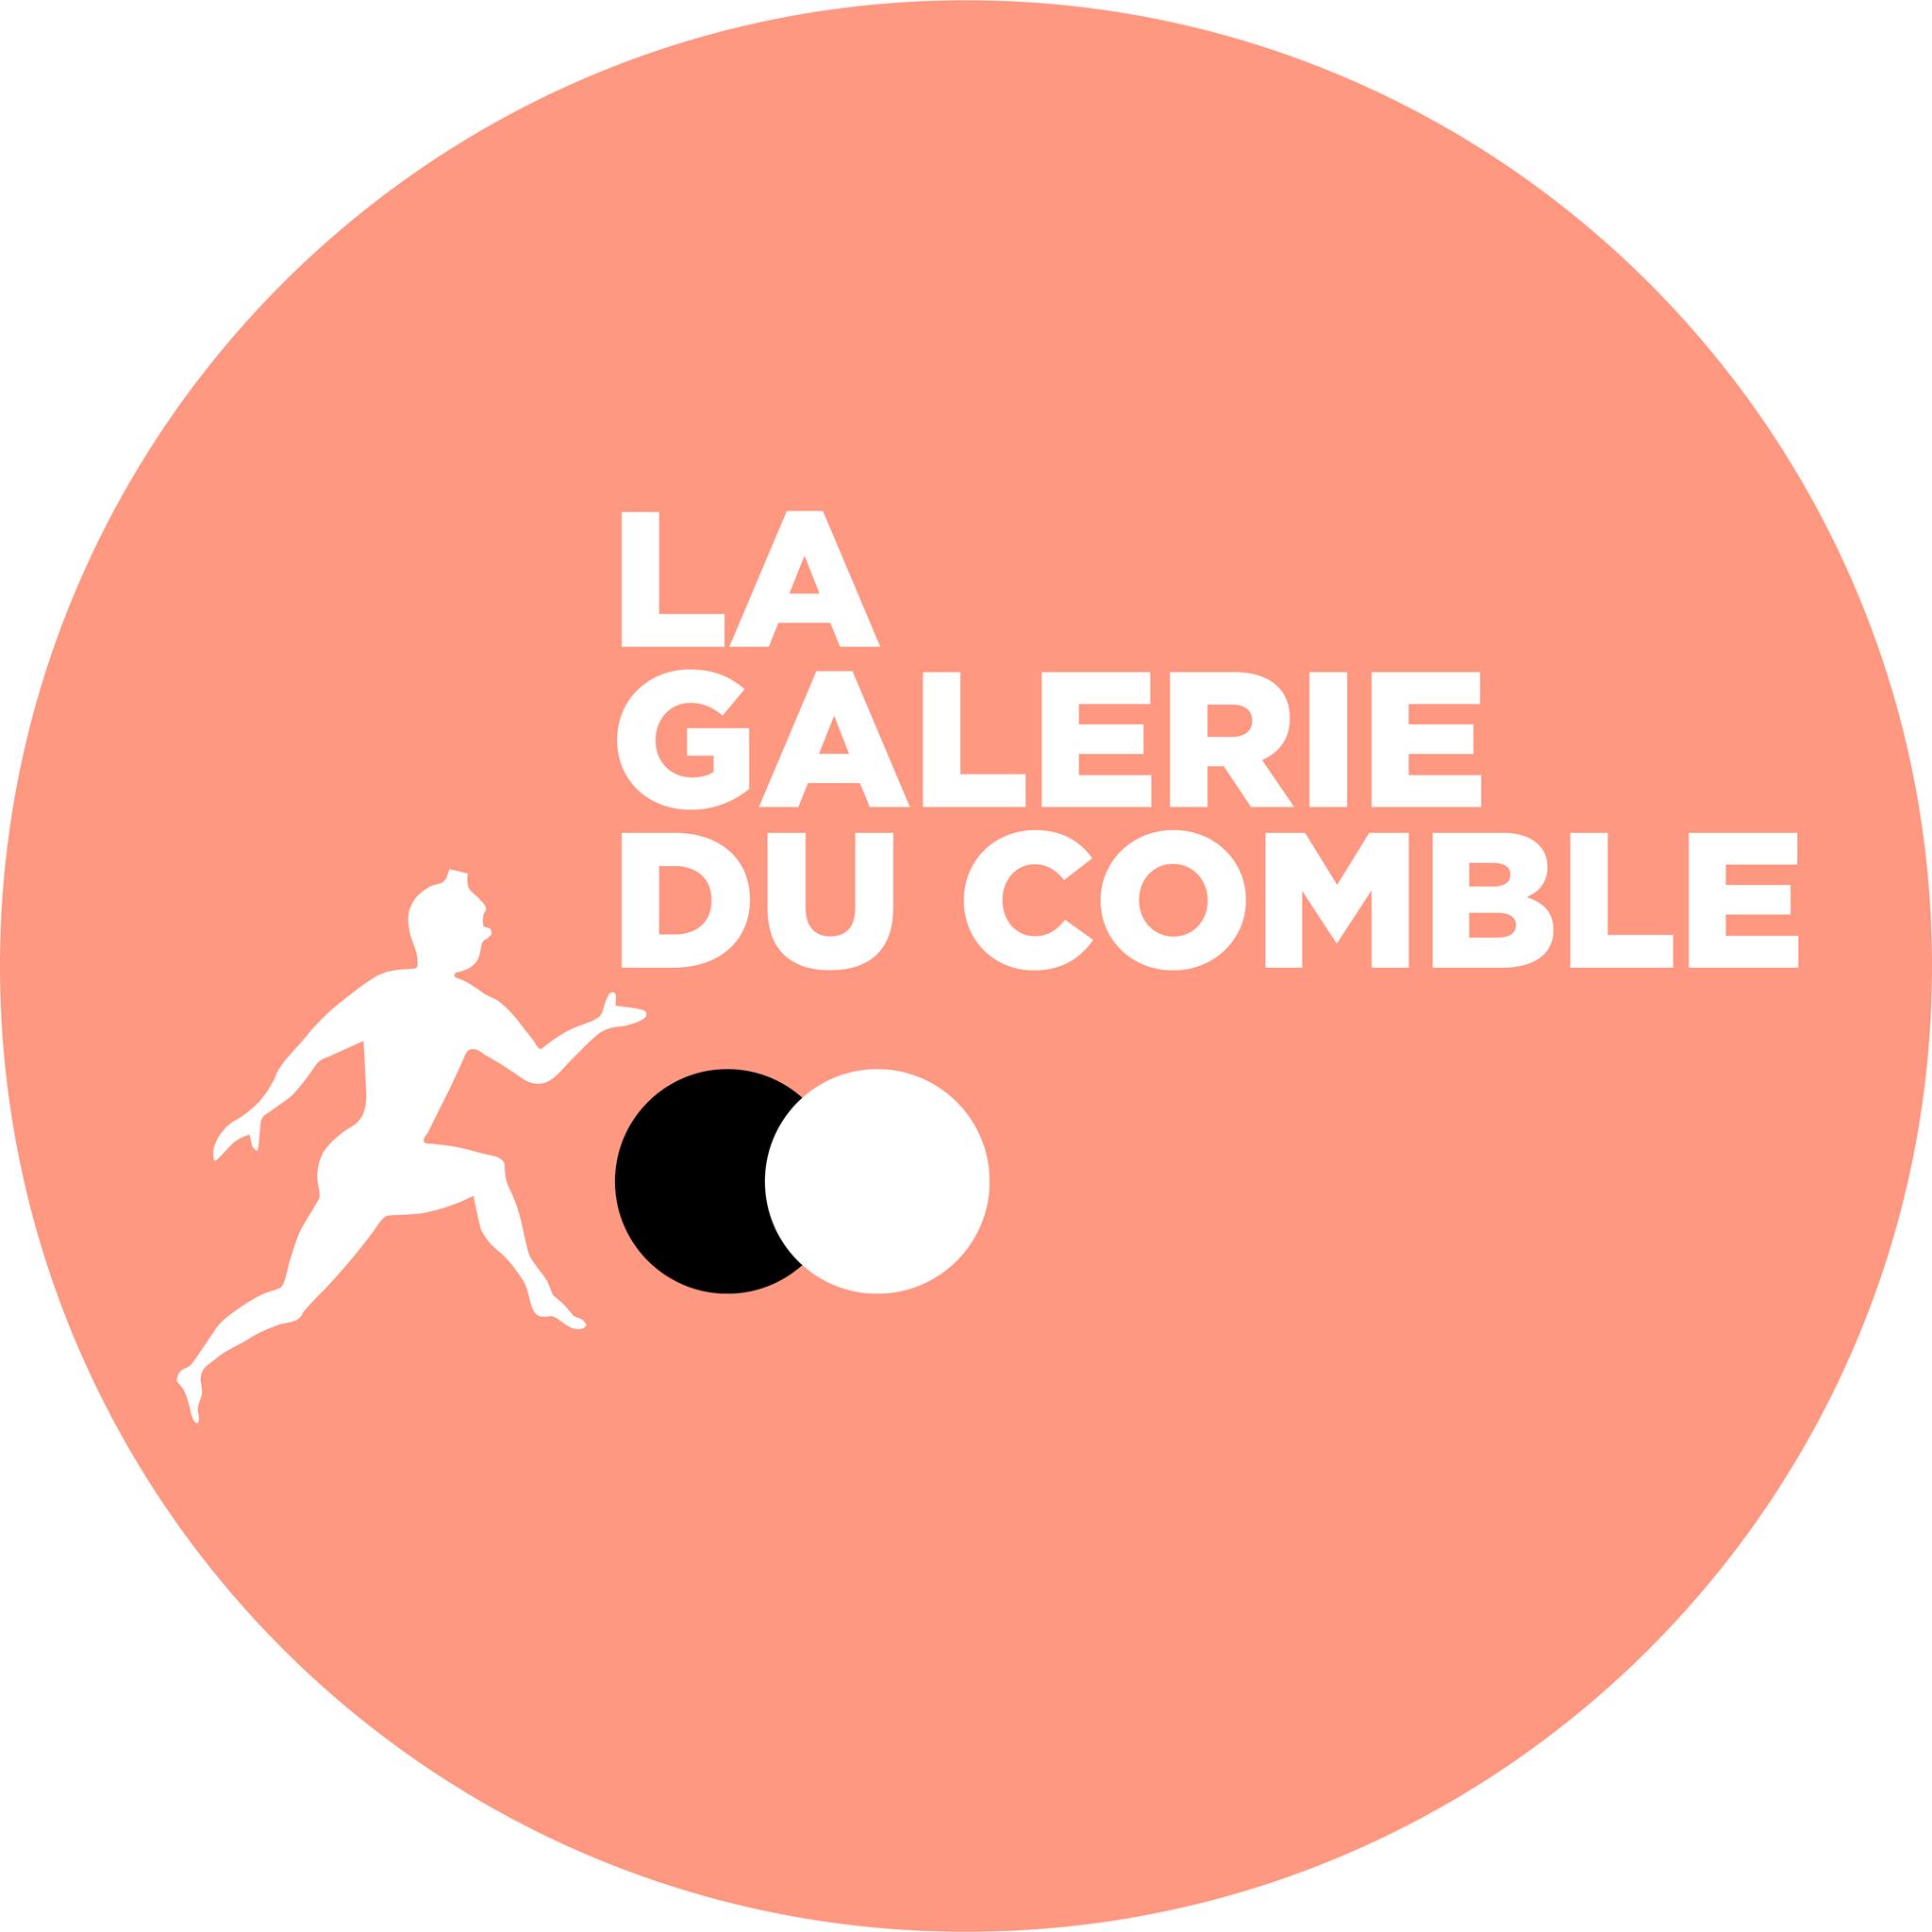 Galerie du Comble